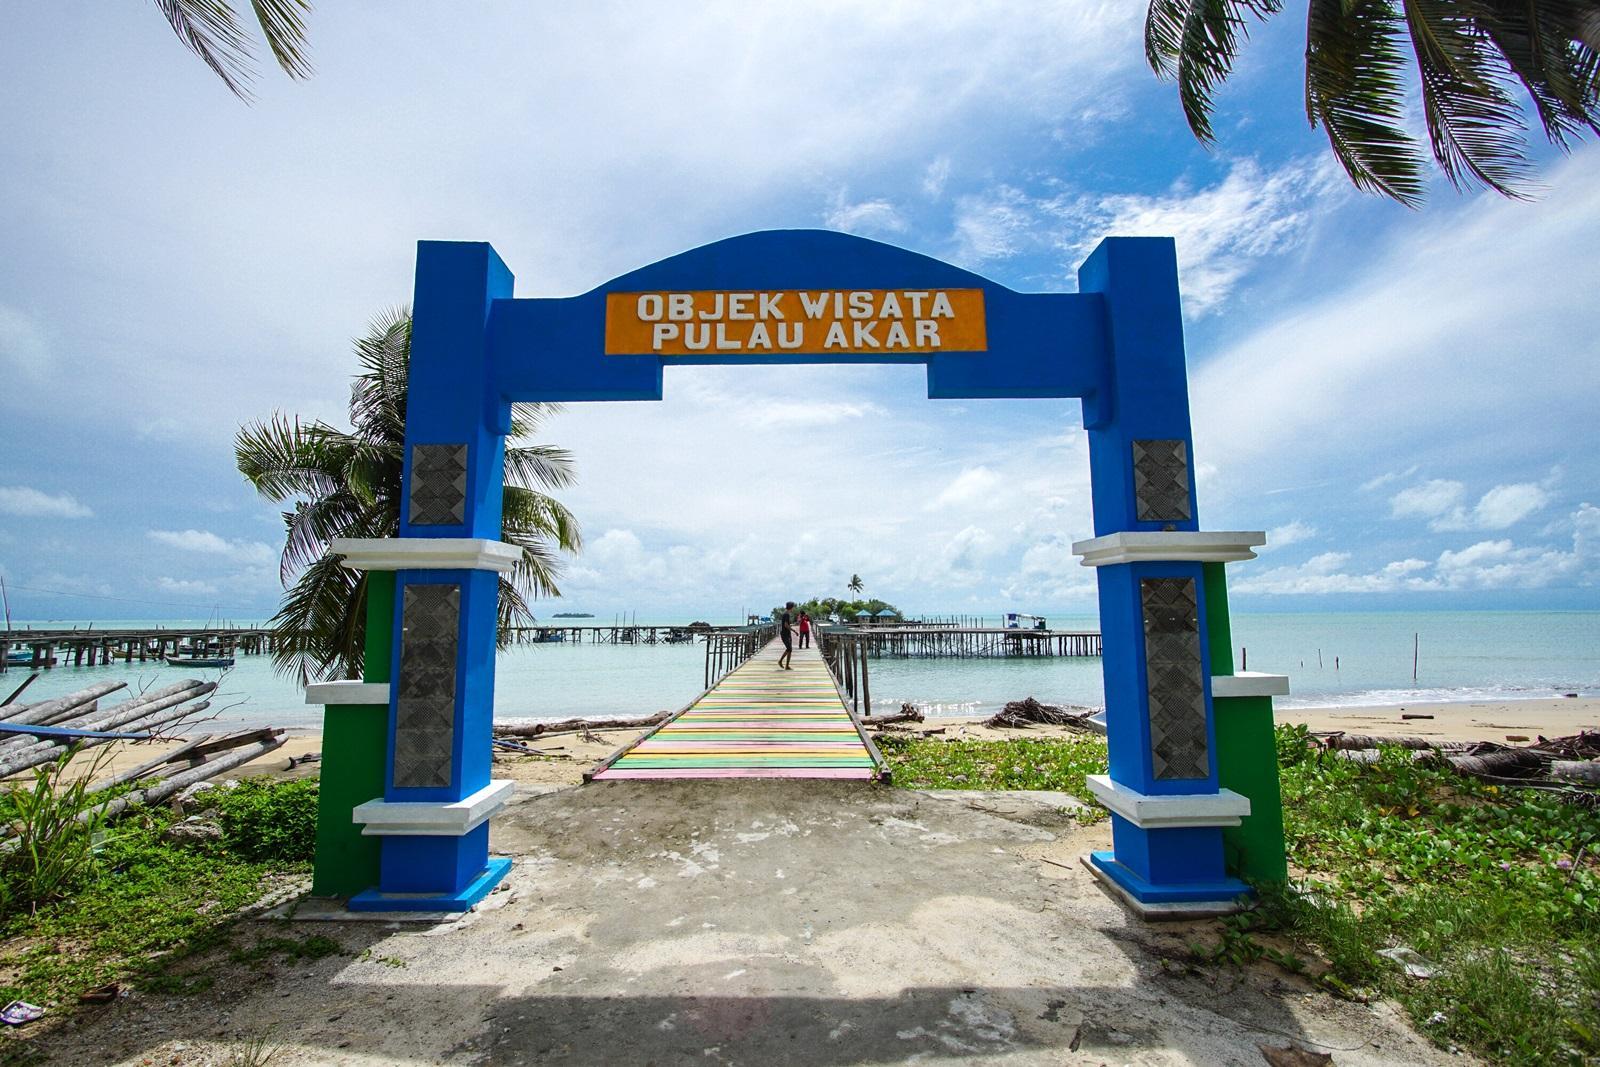 Wisata Pulau Natuna Bakal Dikembangkan Seperti Pulau Guam